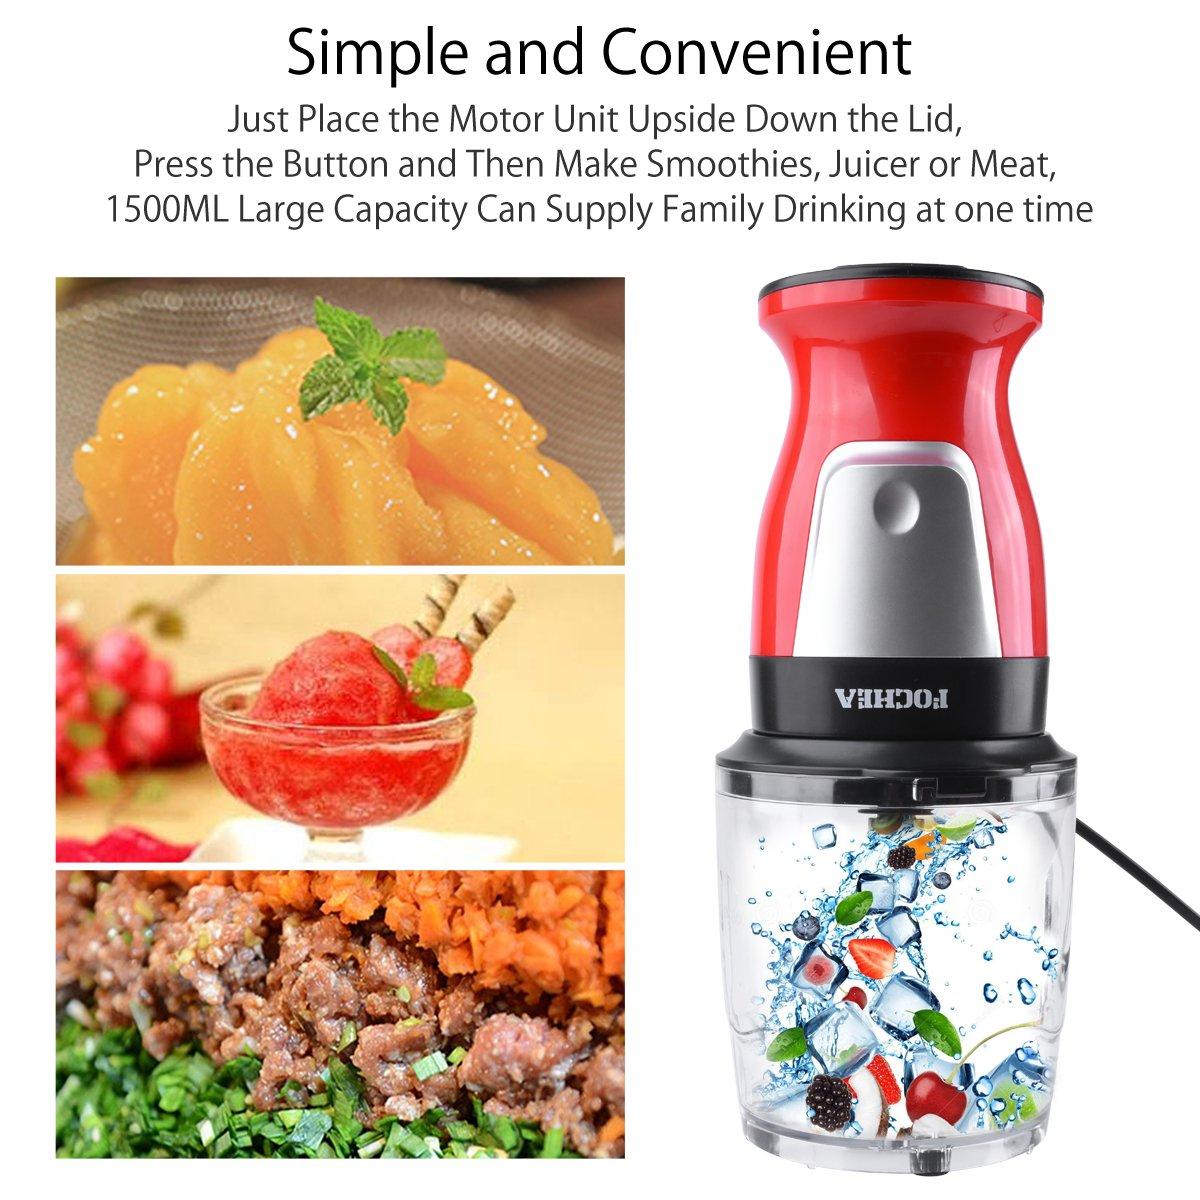 Mini Batidora de Vaso Multifunción 300W Fochea Portátil Batidora para Smoothies Picadora de Alimentos Molinillo, Libre de BPA, Color Rojo: Amazon.es: Hogar